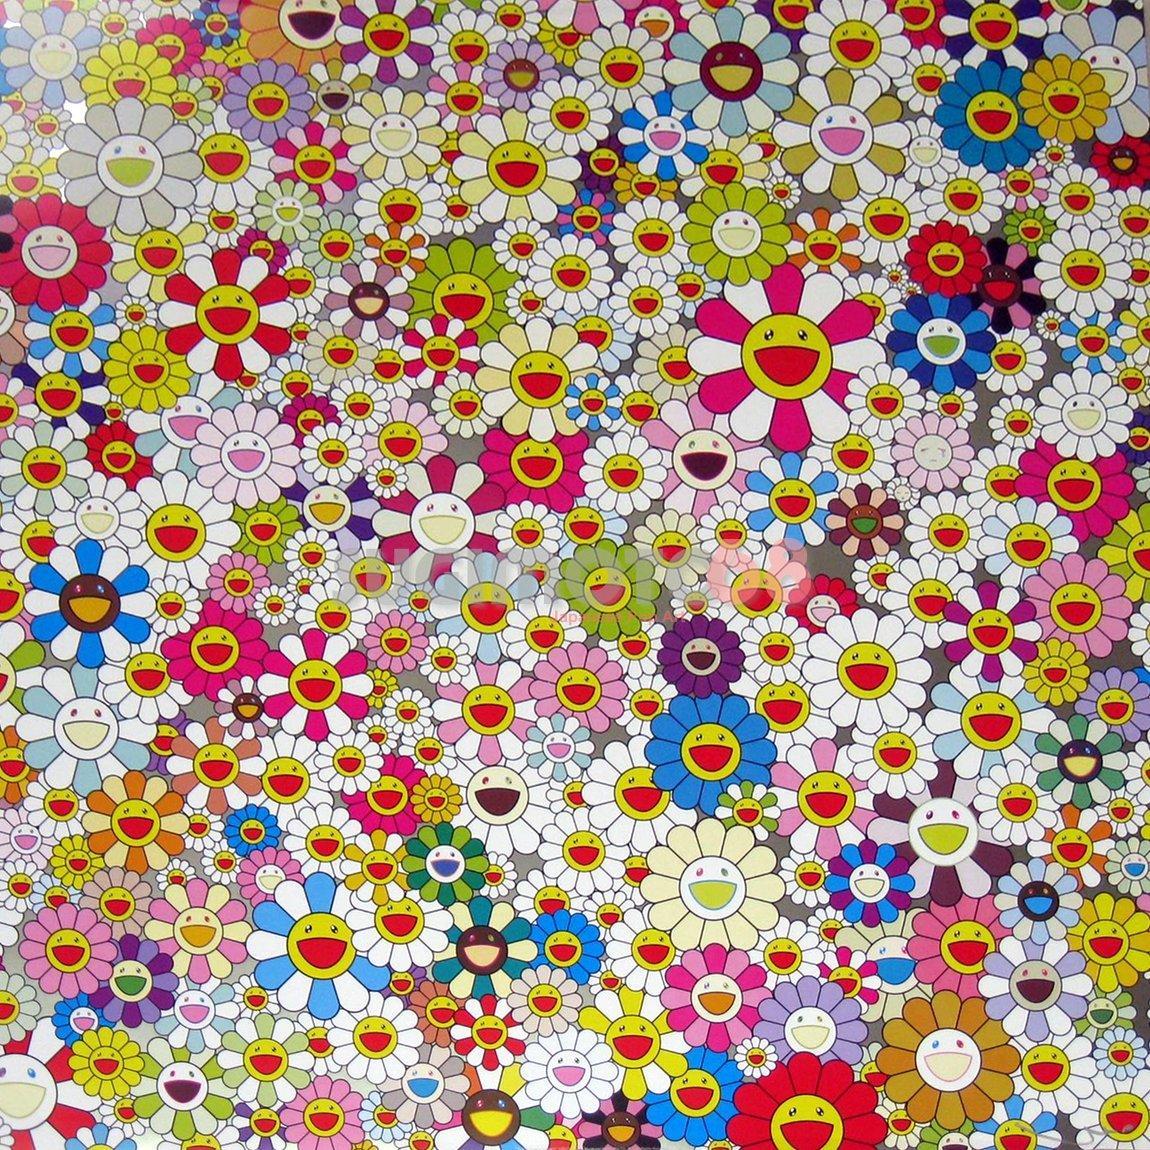 2010, Field of Smiling Flowers, weeping/sleeping, 2010 FlowSmile